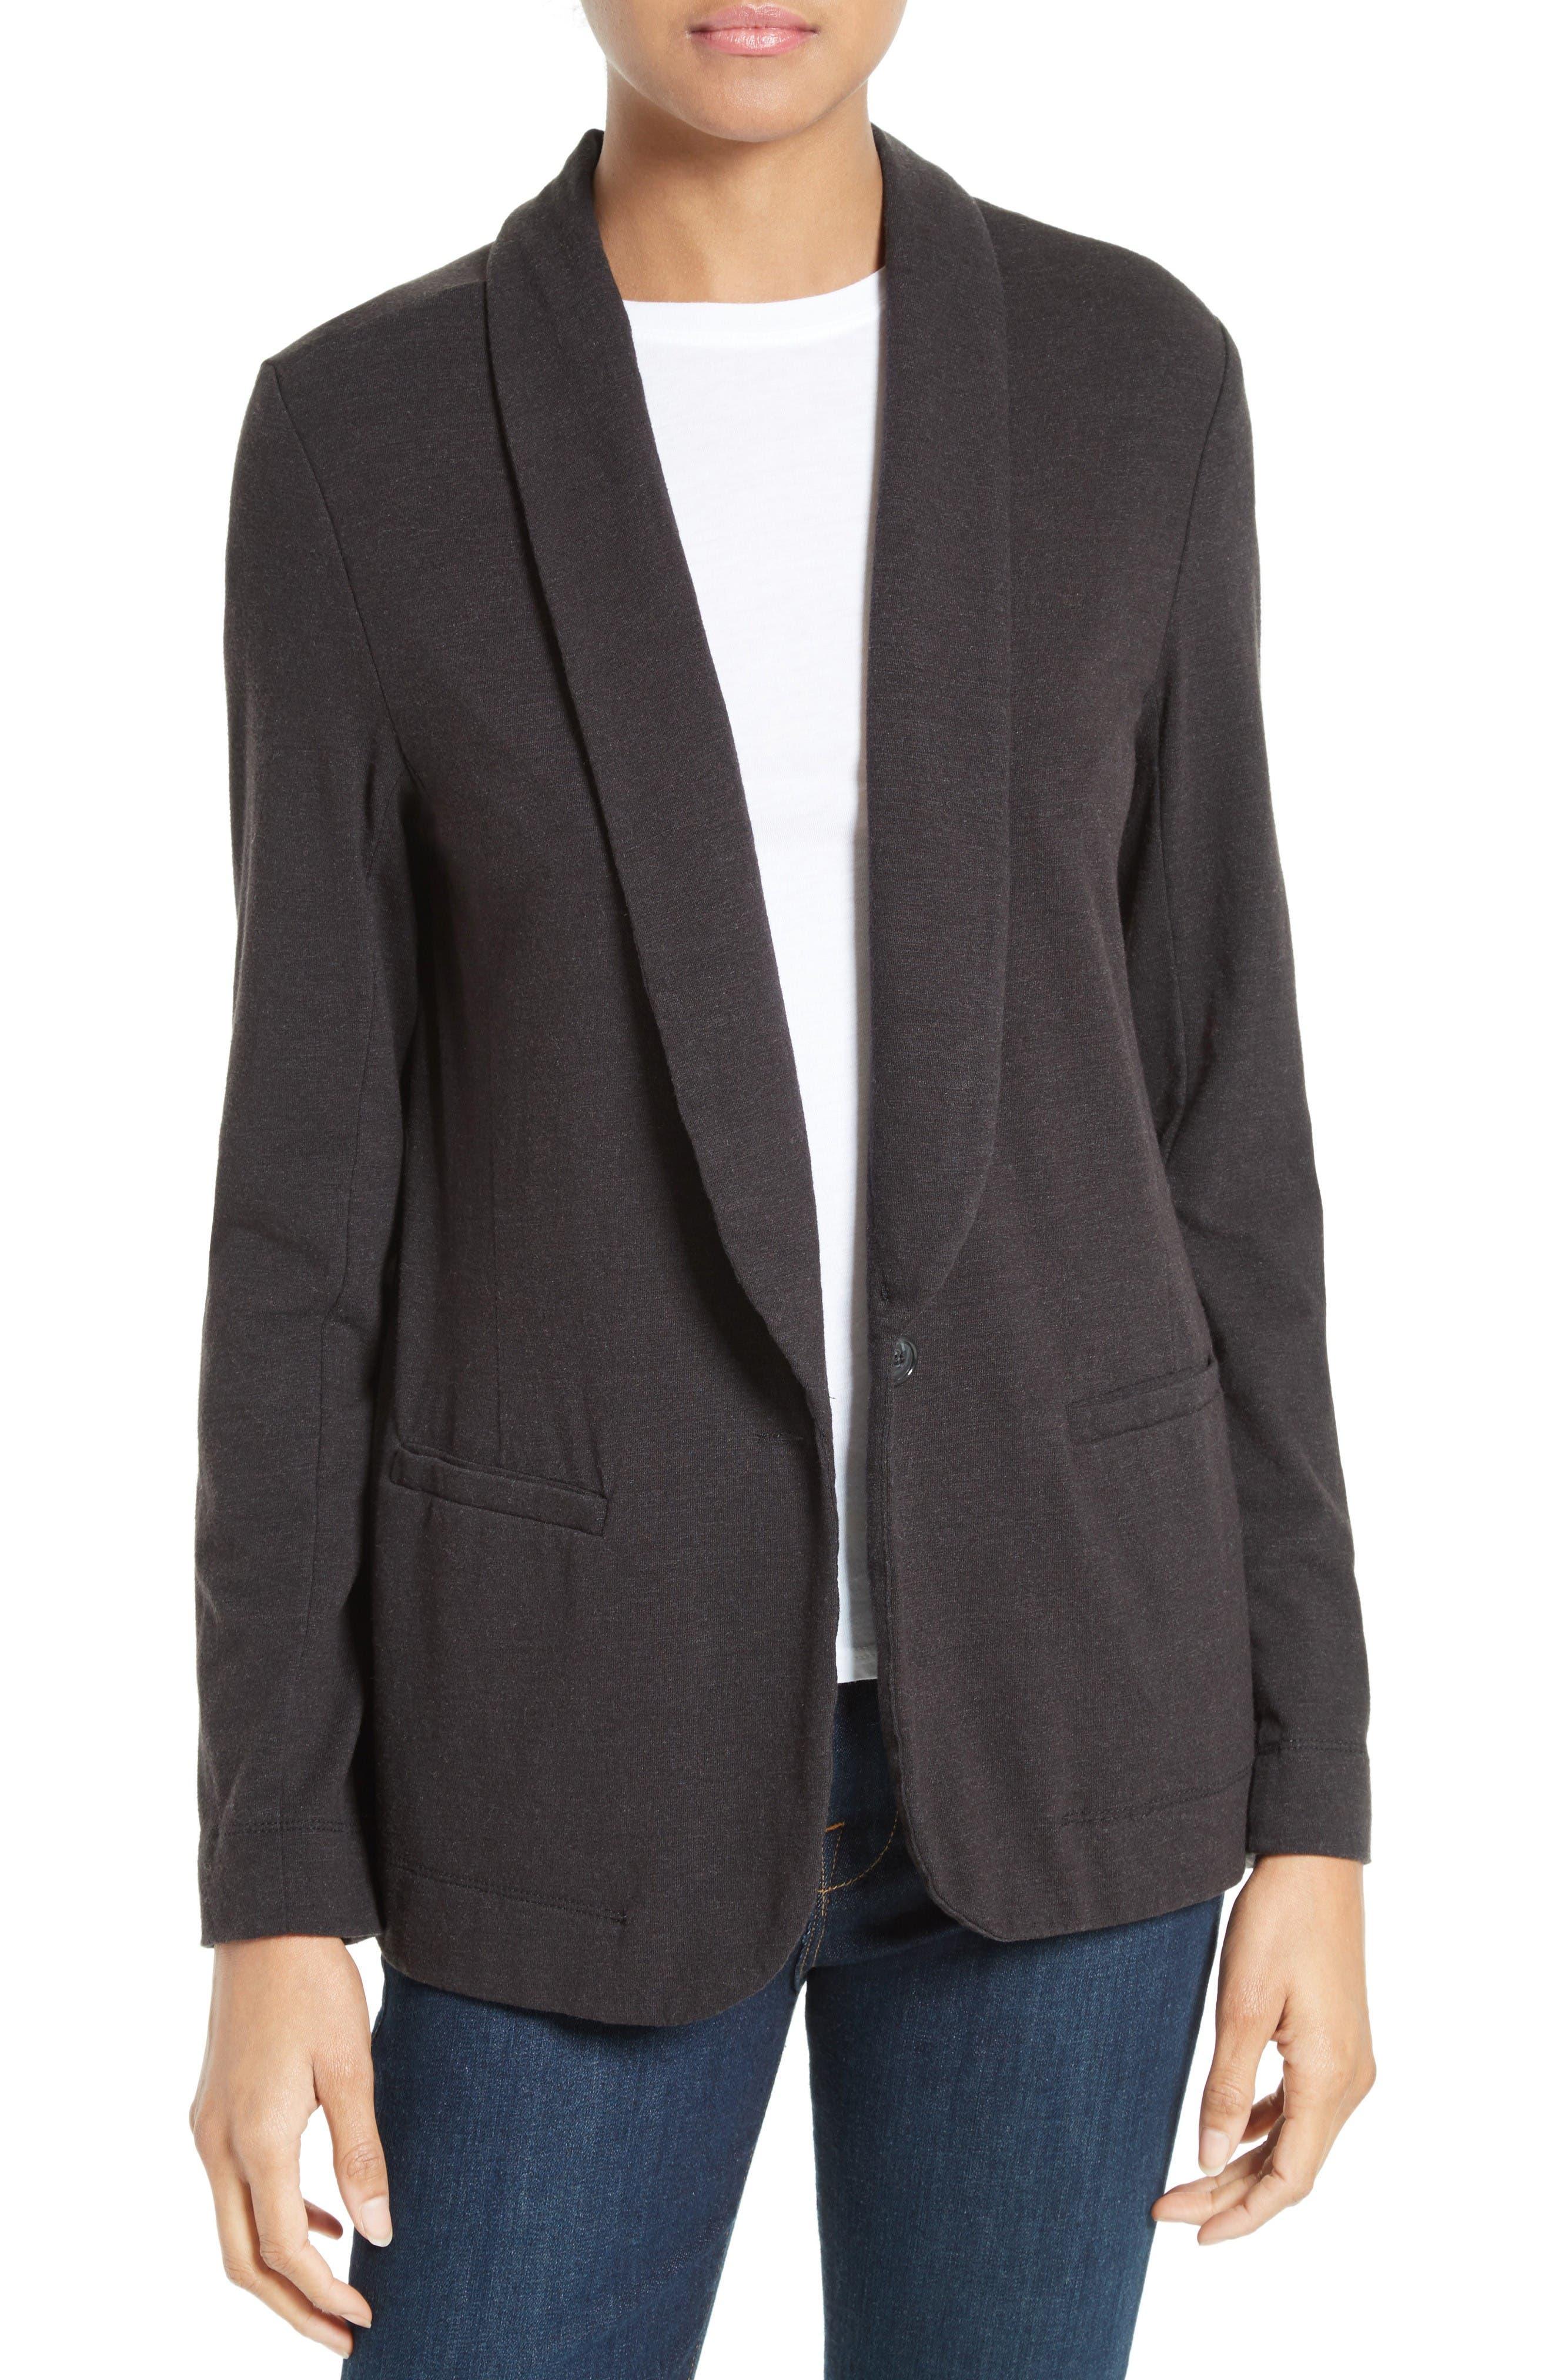 Soft Joie Korrolina Jersey One-Button Jacket